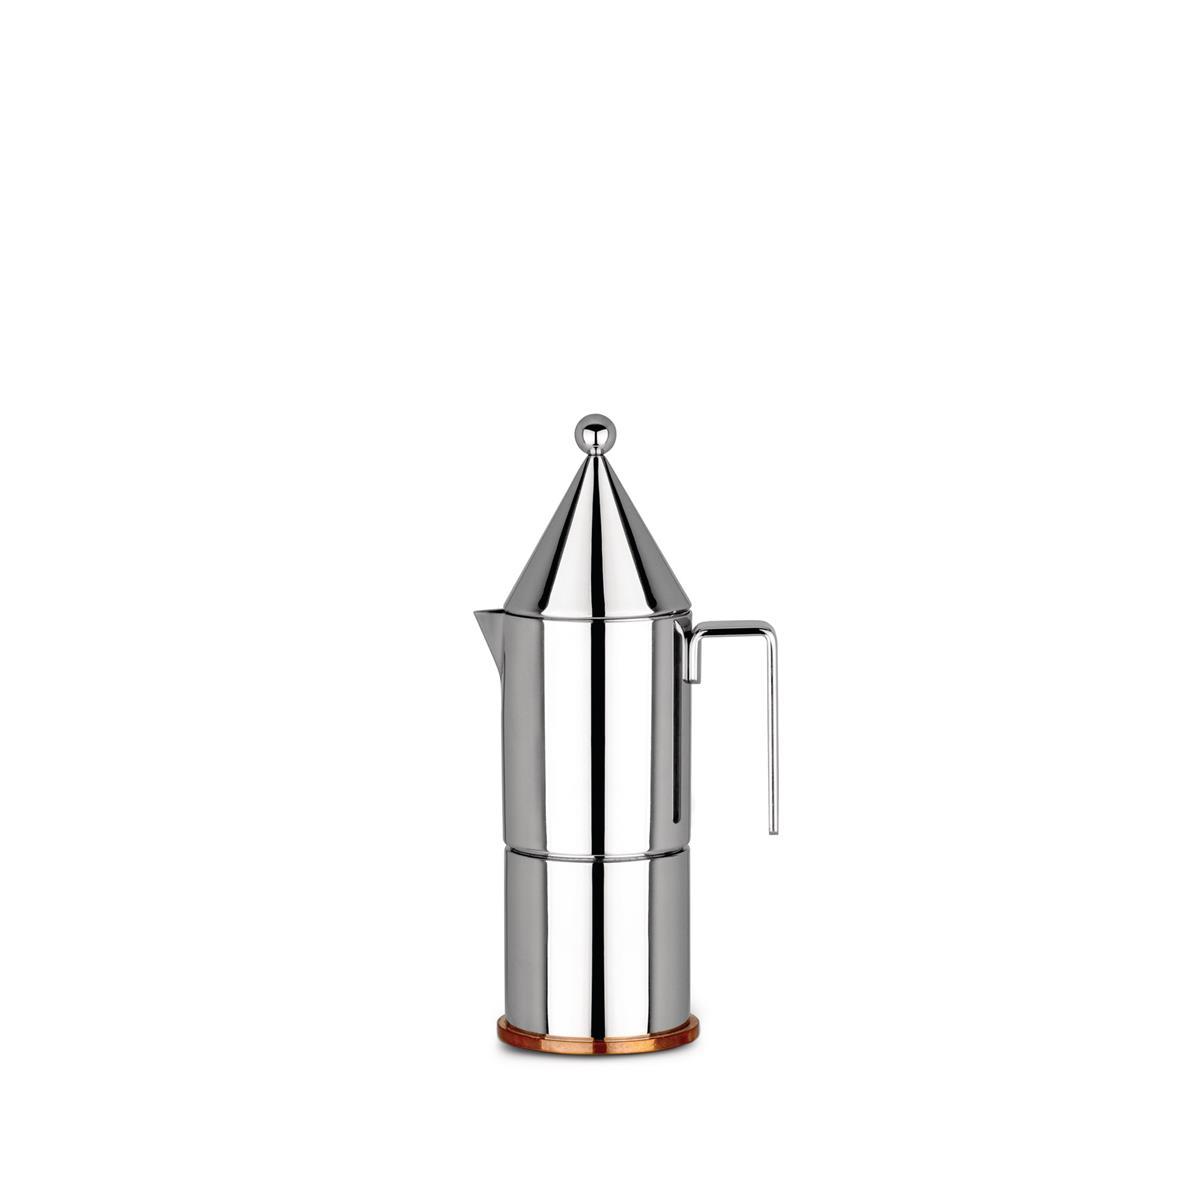 Alessi-La conica Caffettiera espresso in acciaio inox 18/10 3 tazze